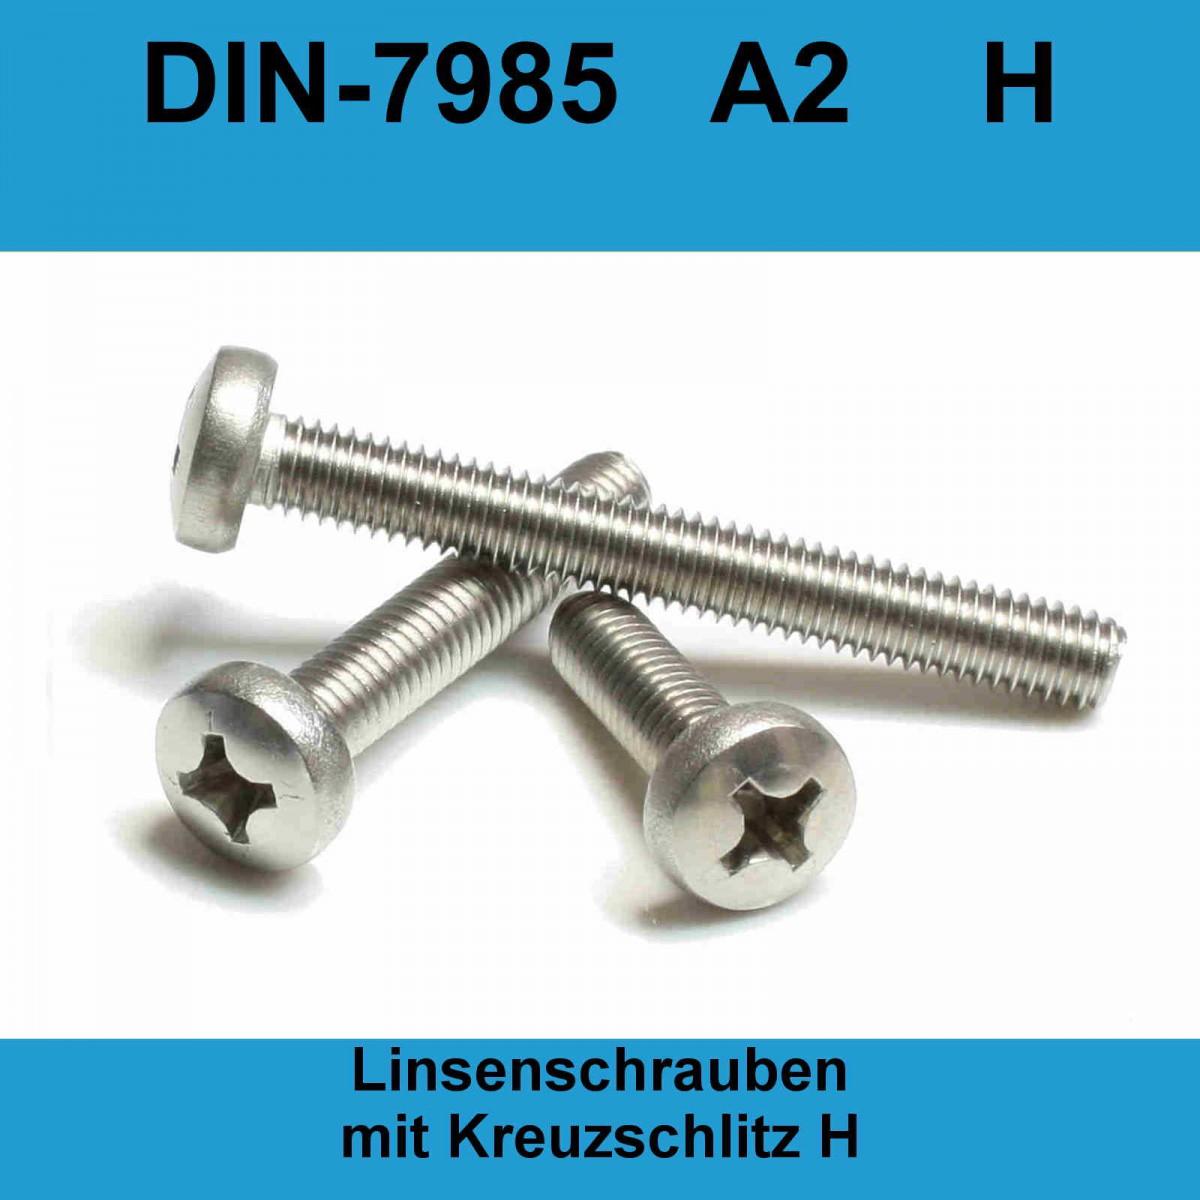 50 St Linsenkopfschrauben D 7985 Kreuzschlitz  A2 Edelstahl V2A M 4 M4x8